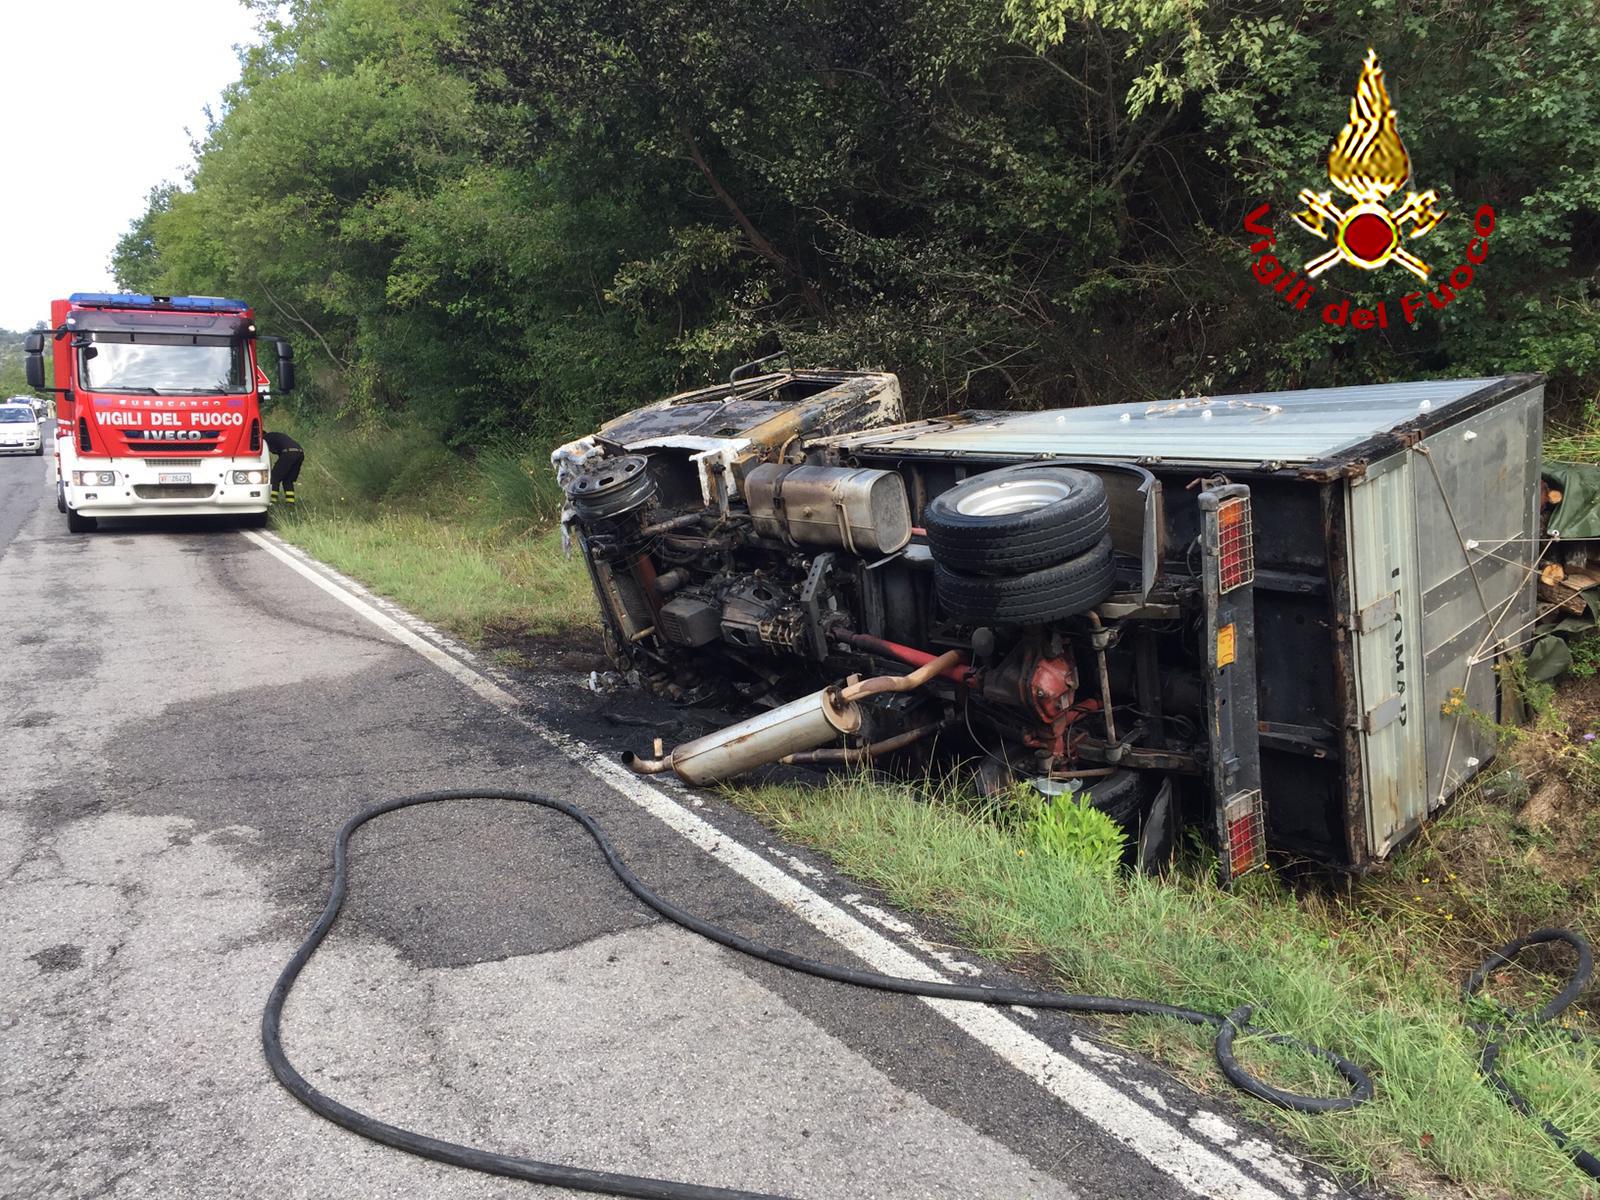 Camion a fuoco dopo un incidente, autista ricoverato in ospedale